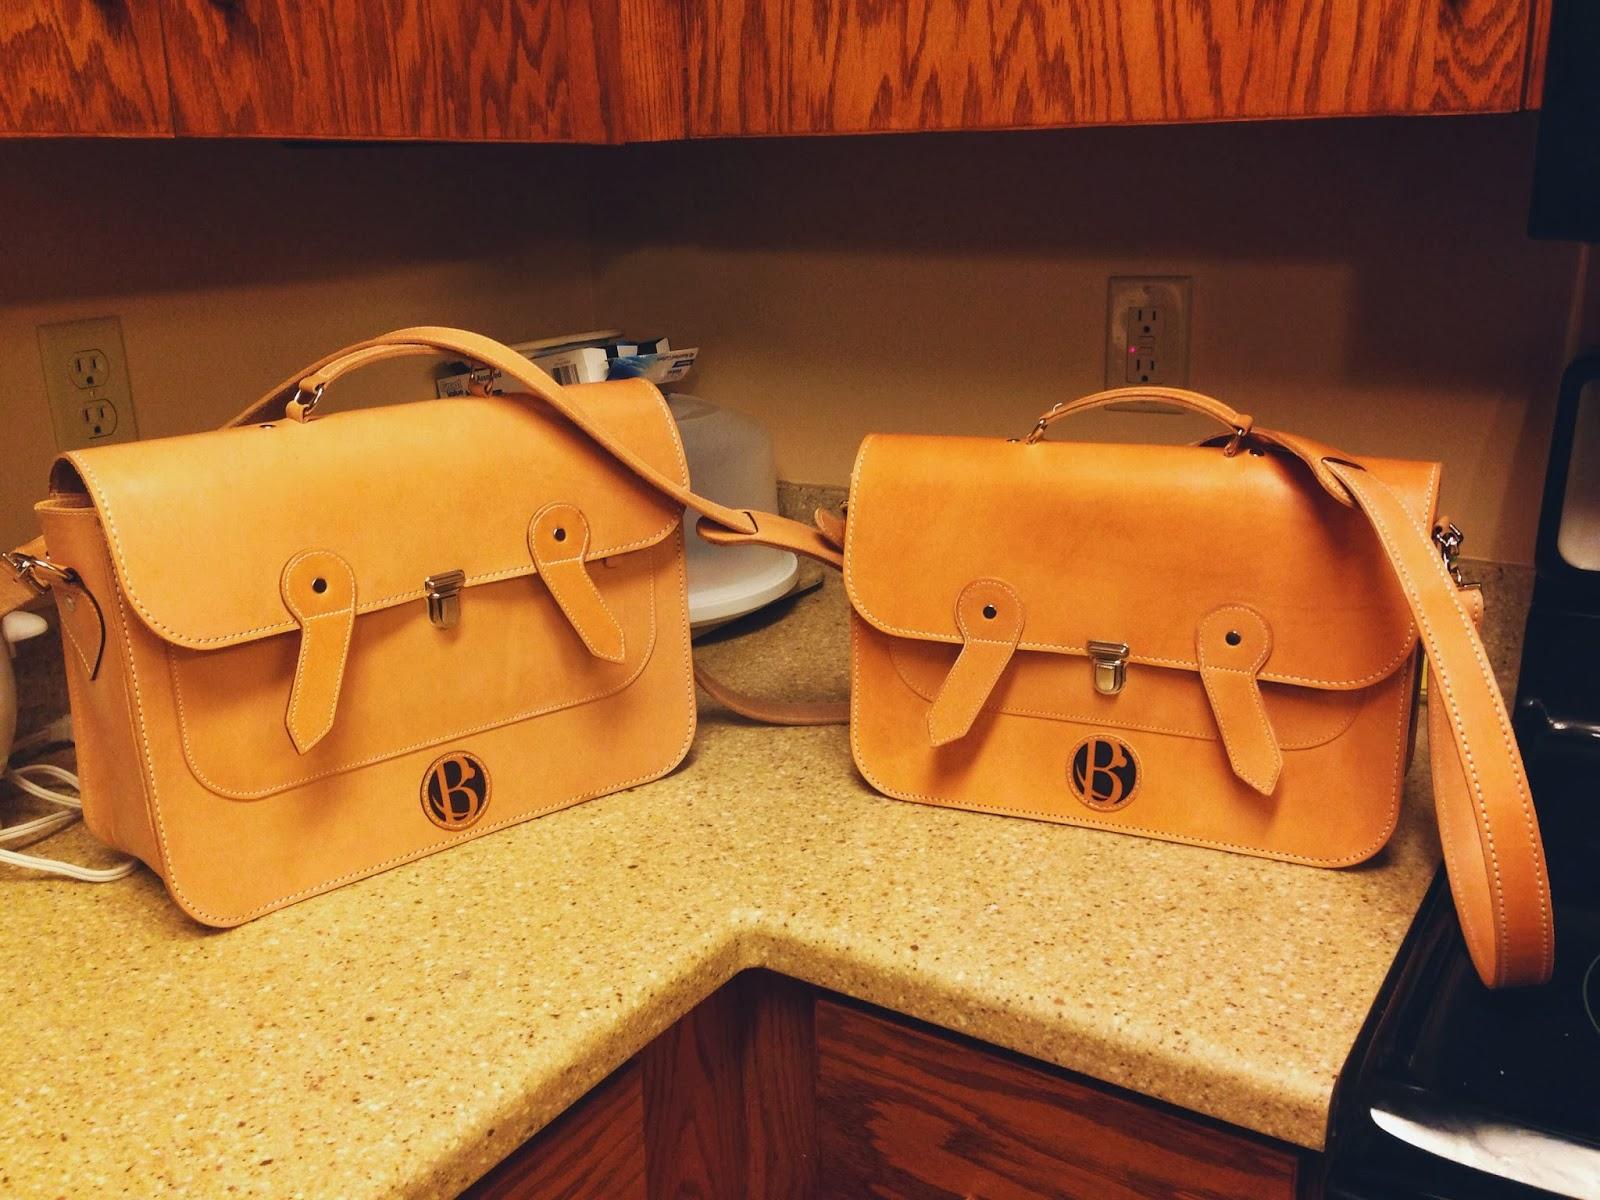 satchel , satchel bag, satchel briefcase , satchel sling, satchel sling bag , satchel handbag, satchel tote, bag, tote, handbag, sling bag , colored satchel , Colored satchel bag, Colored satchel briefcase , Colored satchel sling, Colored satchel sling bag , Colored satchel handbag, Colored satchel tote,Colored bag, tote, Colored handbag, Colored sling bag ,  Leather satchel , Leather satchel bag, Leather satchel briefcase , Leather satchel sling, Leather satchel sling bag , Leather satchel handbag, Leather satchel tote,Leather bag, tote, Leather handbag, Leather sling bag , India satchel , India satchel bag, India satchel briefcase , India satchel sling, India satchel sling bag , India satchel handbag, India satchel tote,India bag, tote, India handbag, India sling bag ,Online satchel , Online satchel bag, Online satchel briefcase , Online satchel sling, Online satchel sling bag , Online satchel handbag, Online satchel tote,Online bag, tote, Online handbag, Online sling bag , Cheap satchel , Cheap satchel bag, Cheap satchel briefcase , Cheap satchel sling, Cheap satchel sling bag , Cheap satchel handbag, Cheap satchel tote,Cheap bag, tote, Cheap handbag, Cheap sling bag ,USA satchel , USA satchel bag, USA satchel briefcase , USA satchel sling, USA satchel sling bag , USA satchel handbag, USA satchel tote,USA bag, tote, USA handbag, USA sling bag,classic satchel , classic satchel bag, classic satchel briefcase , classic satchel sling, classic satchel sling bag , classic satchel handbag, classic satchel tote,classic bag, tote, classic handbag, classic sling bag , Best satchel , Best satchel bag, Best satchel briefcase , Best satchel sling, Best satchel sling bag , Best satchel handbag, Best satchel tote,Best bag, tote, Best handbag, Best sling bag , O' Bazzie satchel , O' Bazzie satchel bag, O' Bazzie satchel briefcase , O' Bazzie satchel sling, O' Bazzie satchel sling bag , O' Bazzie satchel handbag, O' Bazzie satchel tote,O' Bazzie bag, tote, O' Bazzie  handbag, O' 